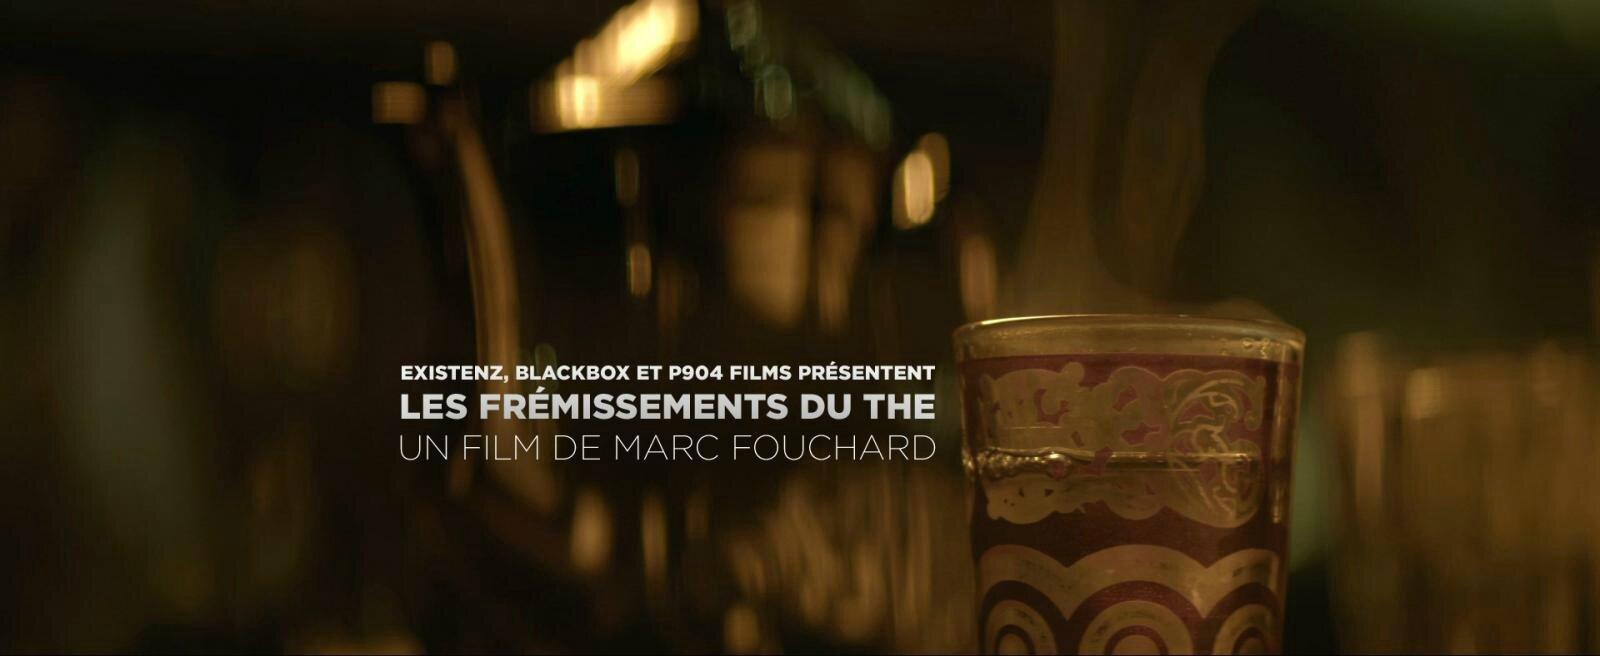 Les frémissements du thé, de Marc Fouchard (2014)